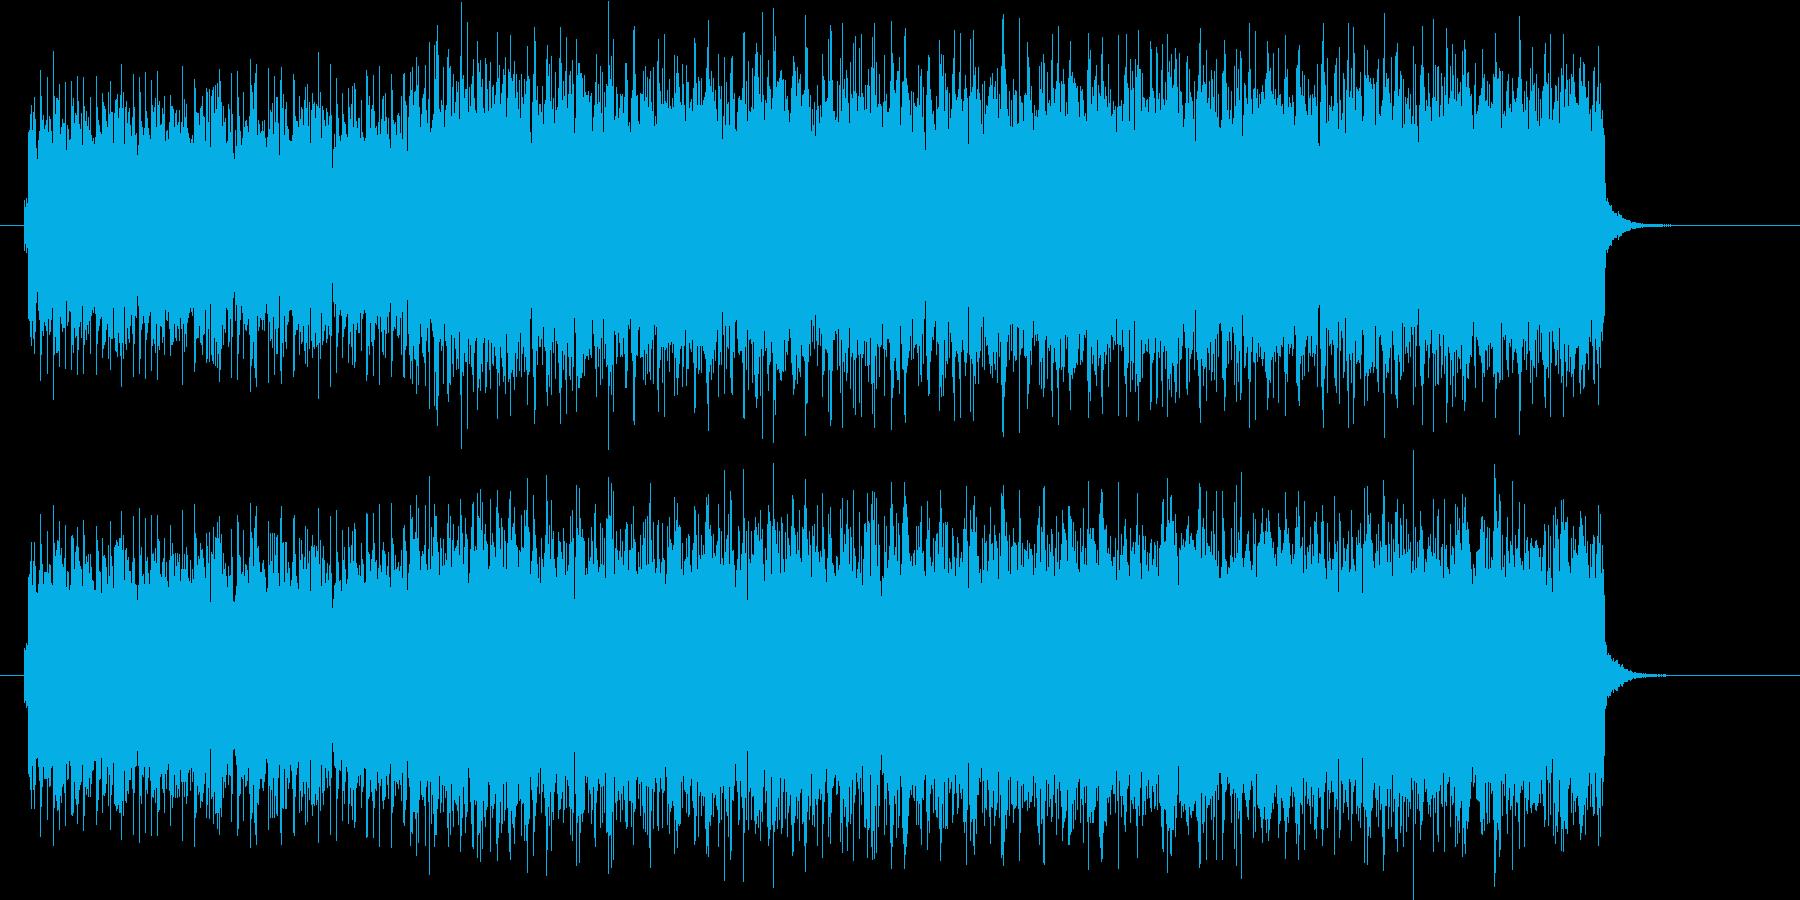 近未来感のあるEDMのジングルの再生済みの波形